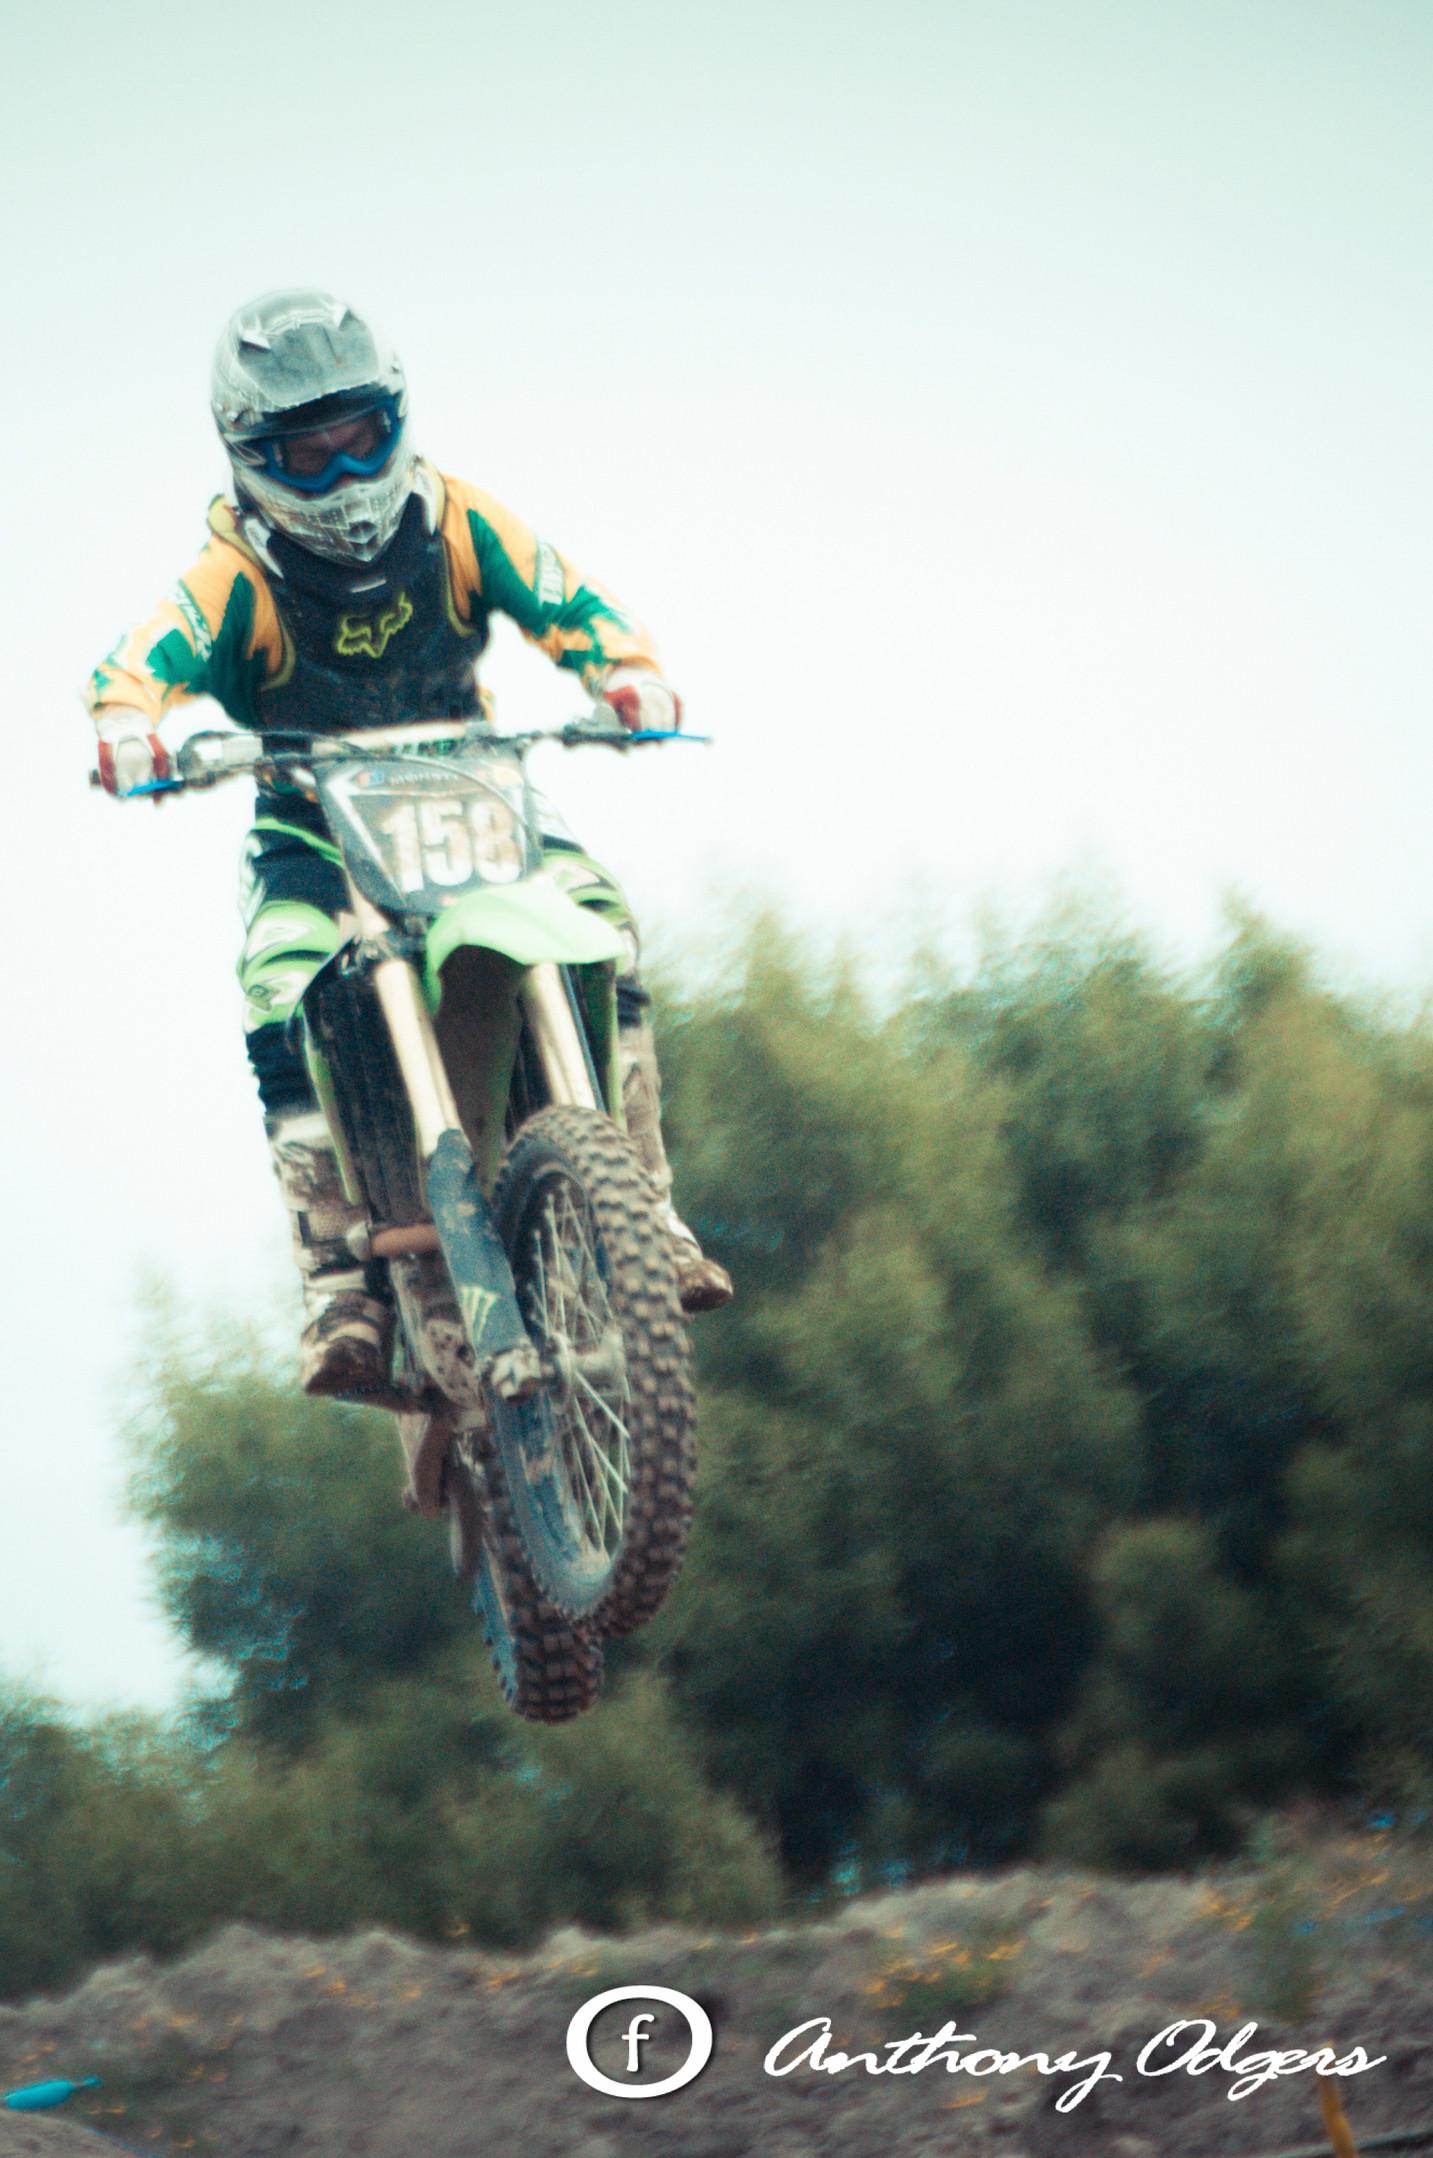 2013-01-06-Motocross Enduro-27.jpg